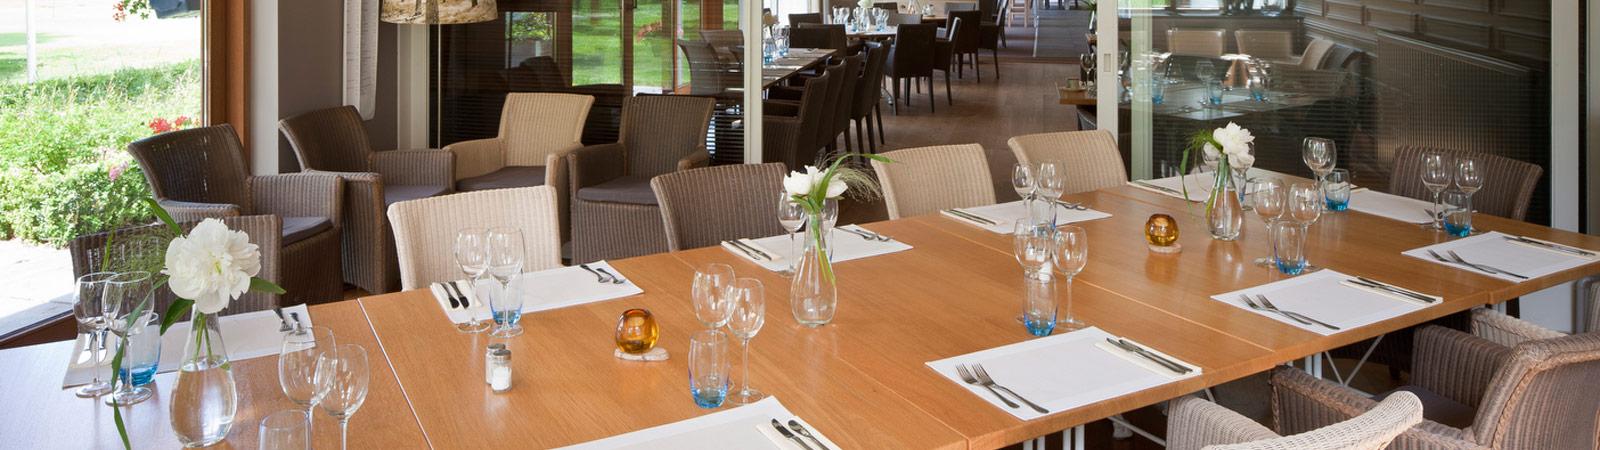 crossmoor-eten-restaurant